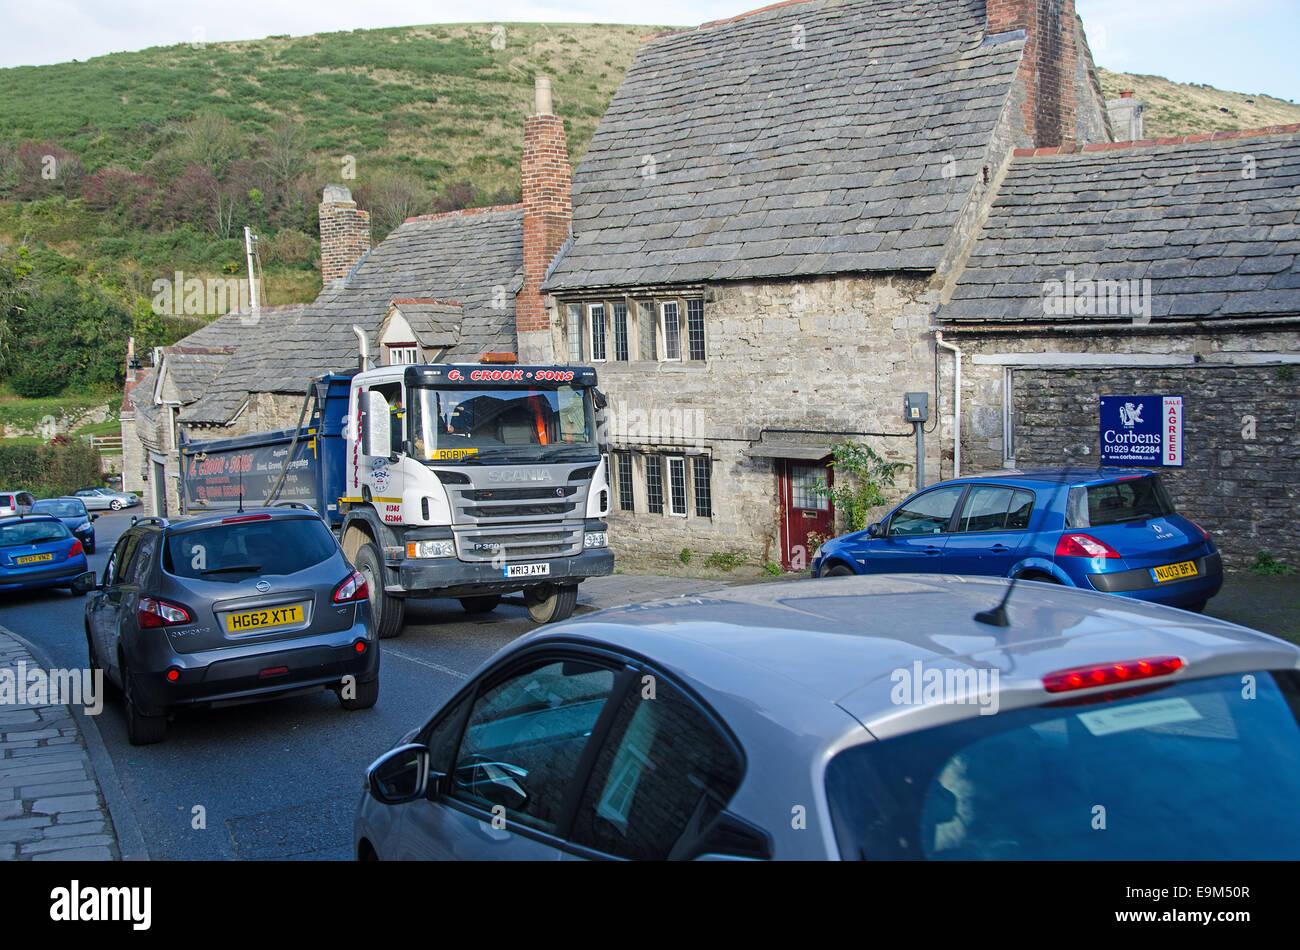 El castillo Corfe , Dorset. Tráfico pesado puede causar congestión y contaminación acústica Imagen De Stock